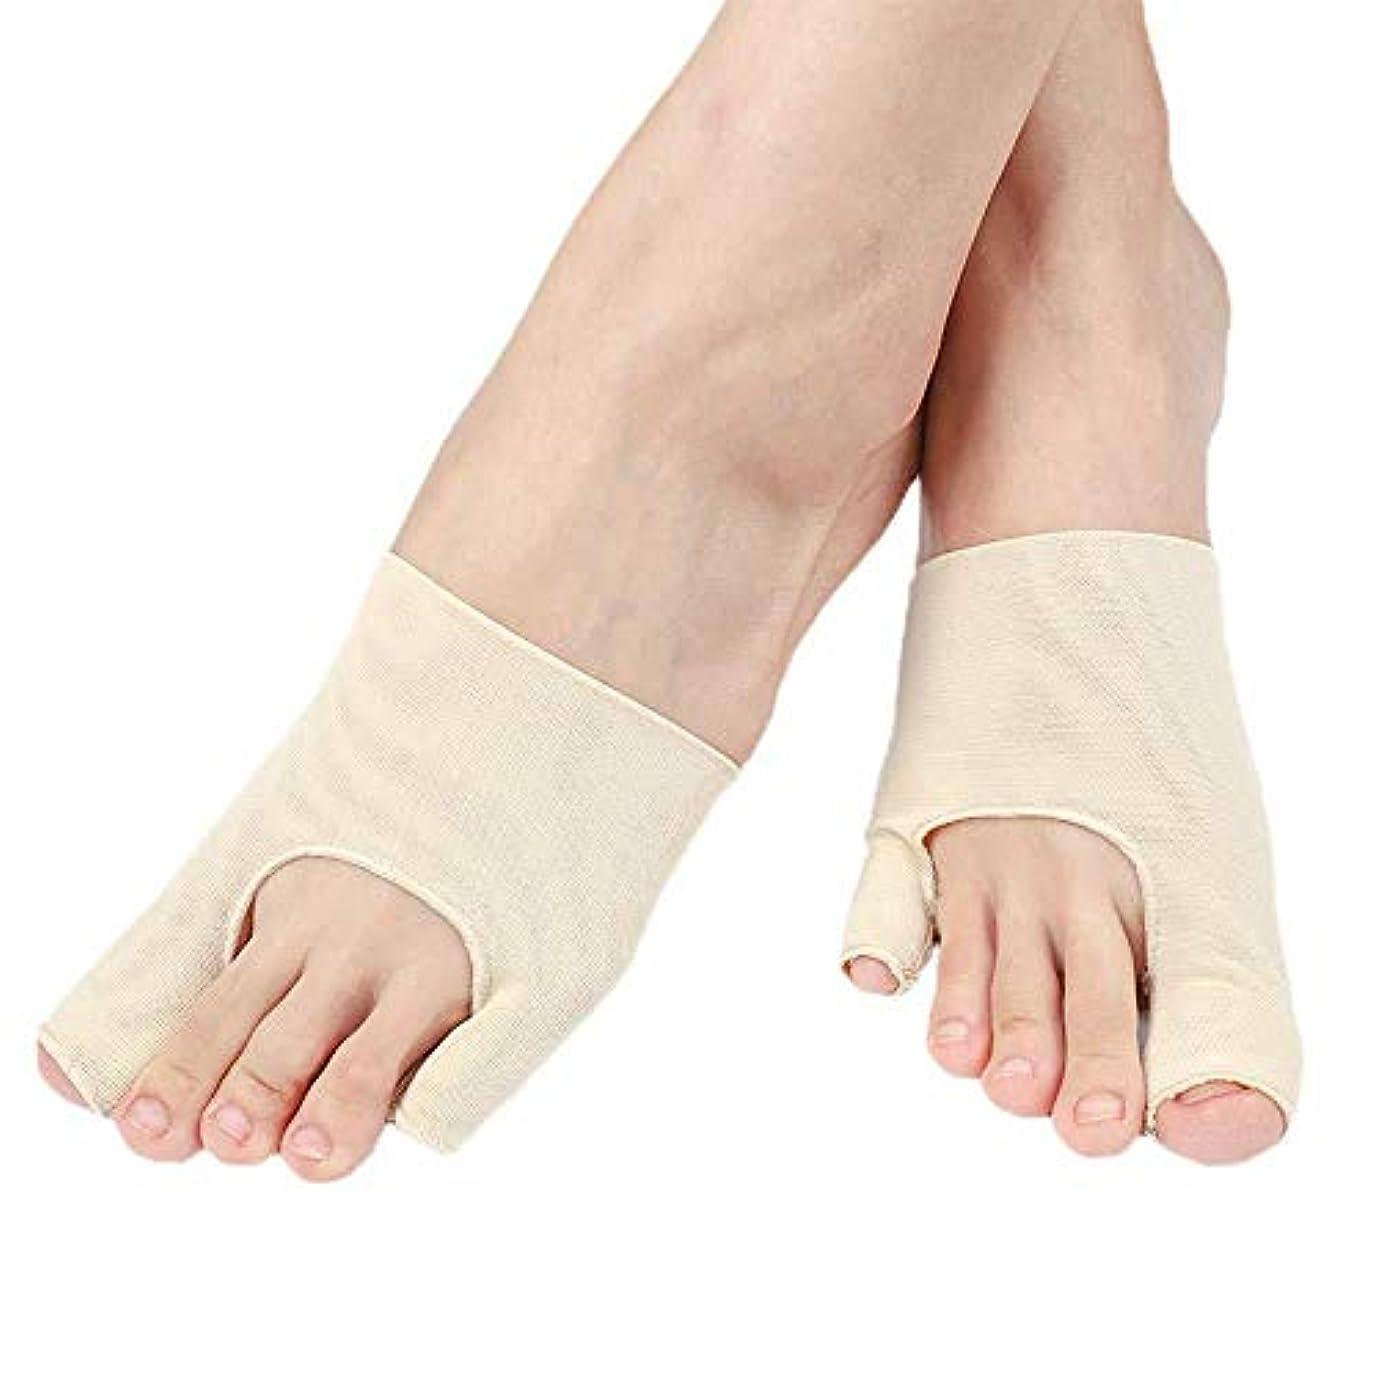 狂うカナダラックつま先セパレーター、Orthoticsの足の親指の矯正、つま先の痛み緩和スリーブ、外反母painの痛みを緩和するための組み込みシリコンゲルパッド,S